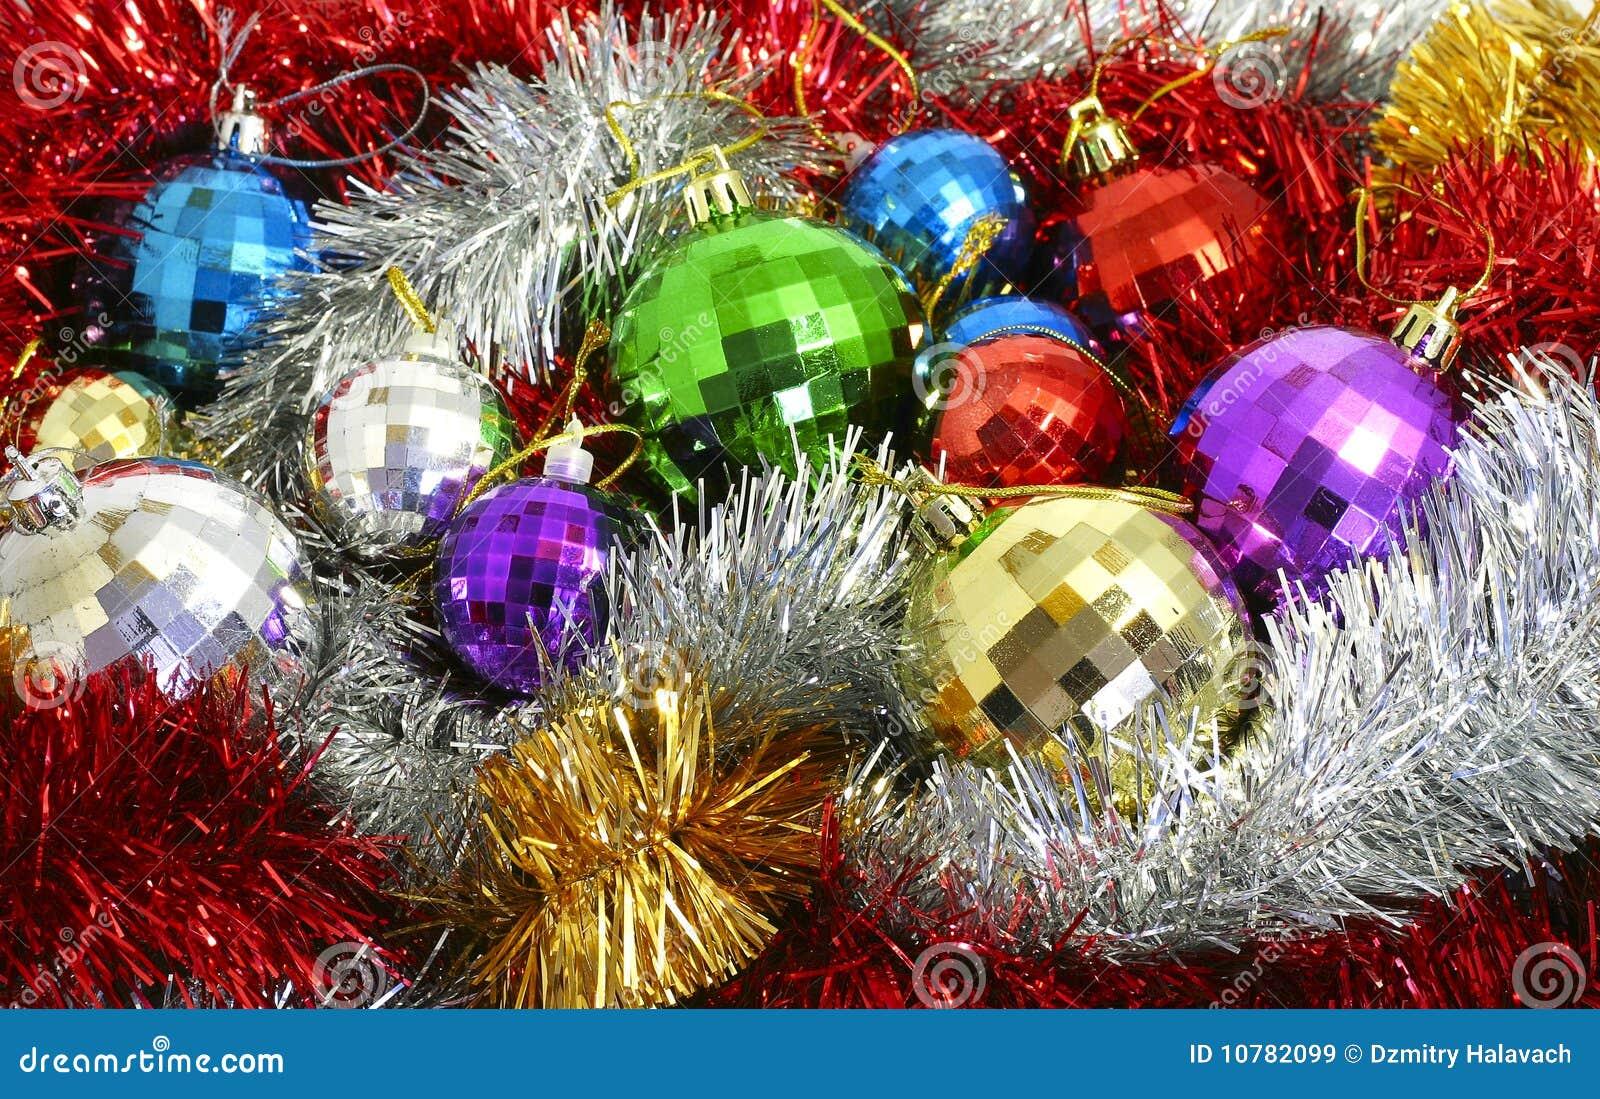 Van het klatergoud en Kerstmis-Boom decoratie